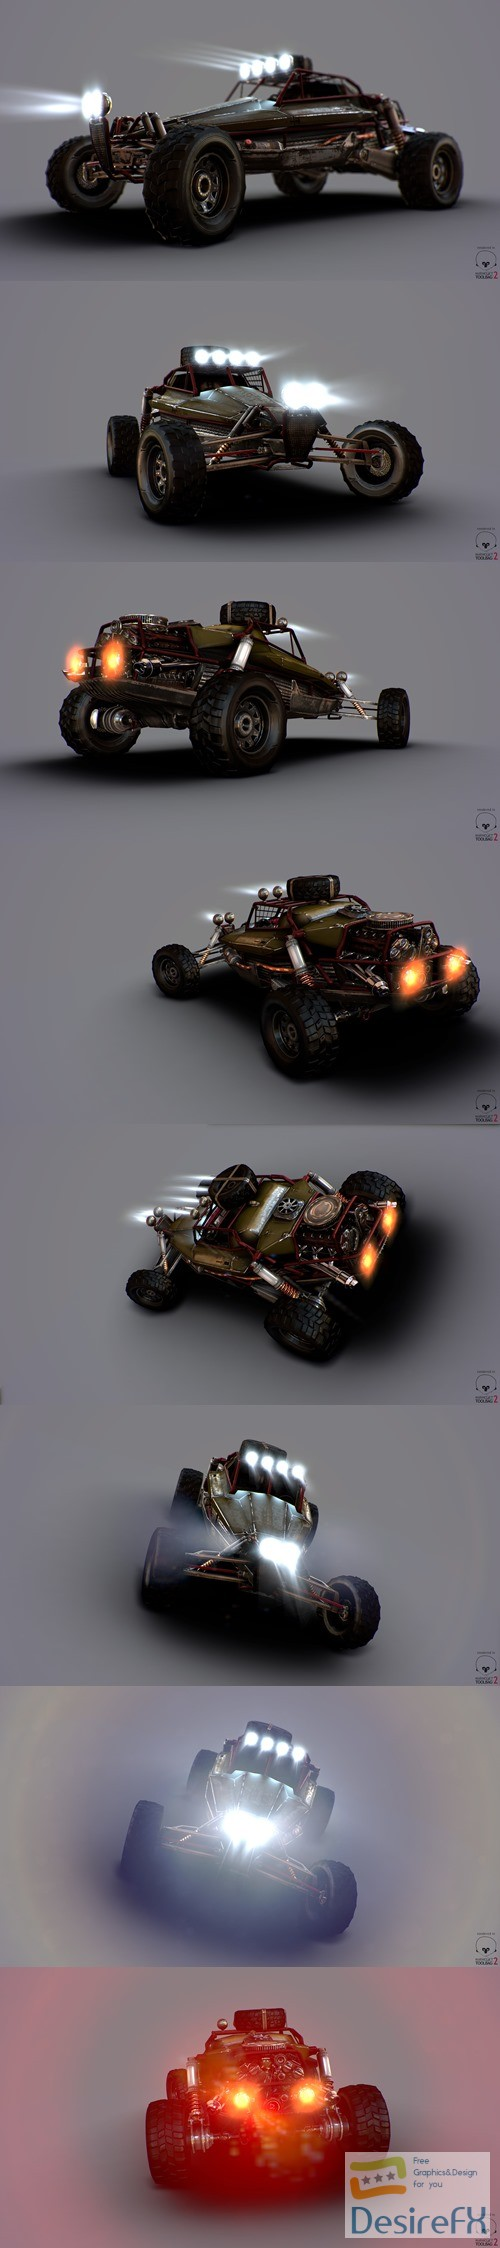 3d-models - Lynx DCC Buggy 3D Model